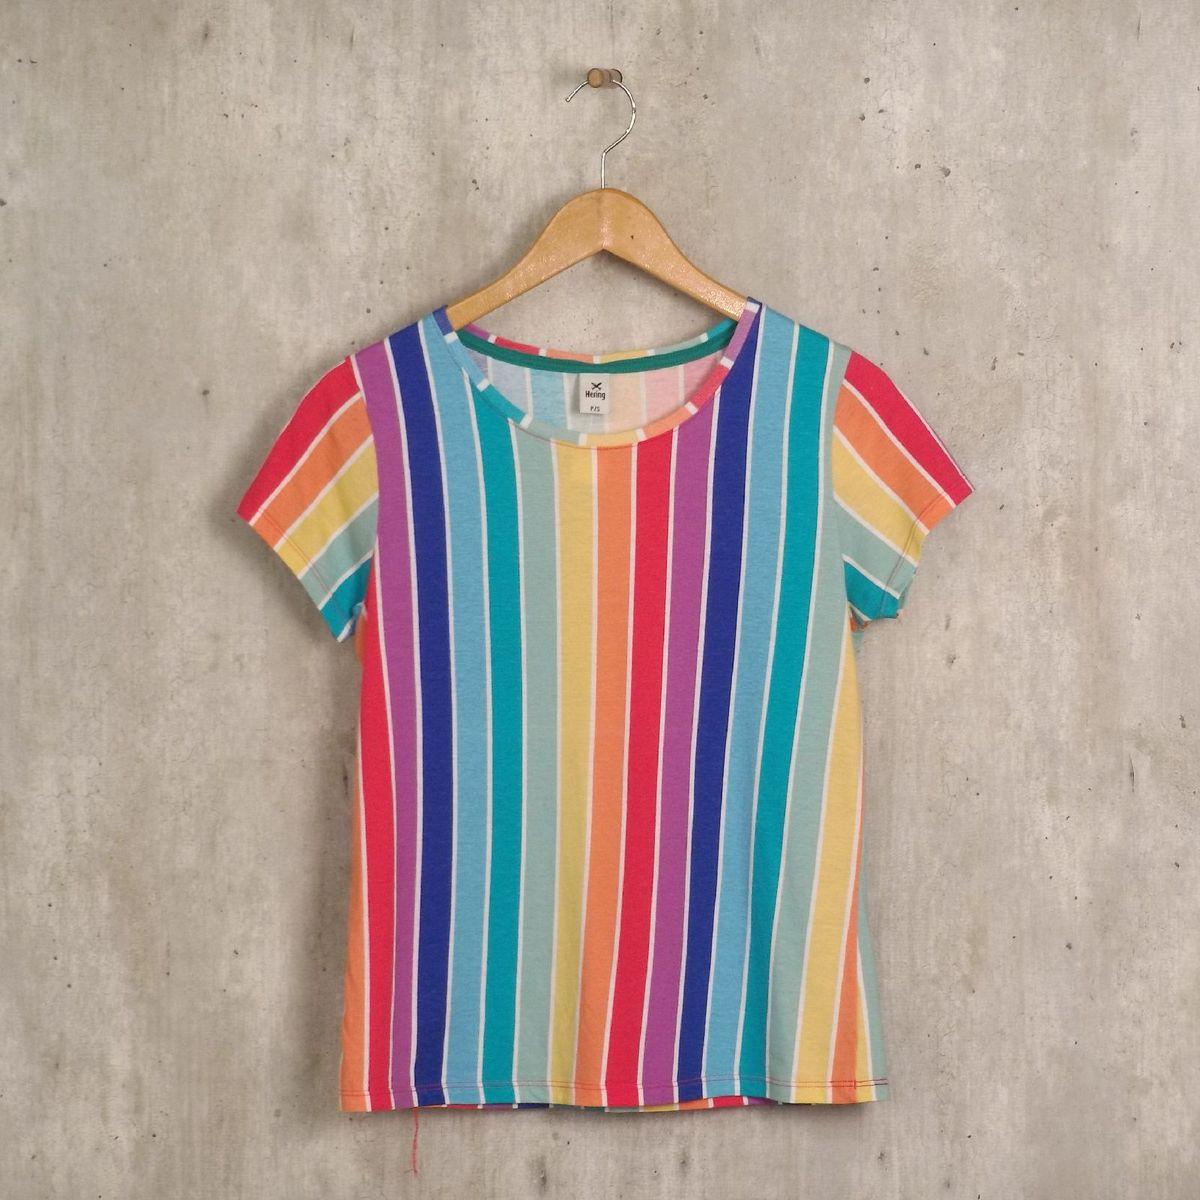 blusa listrada colorida - blusas hering